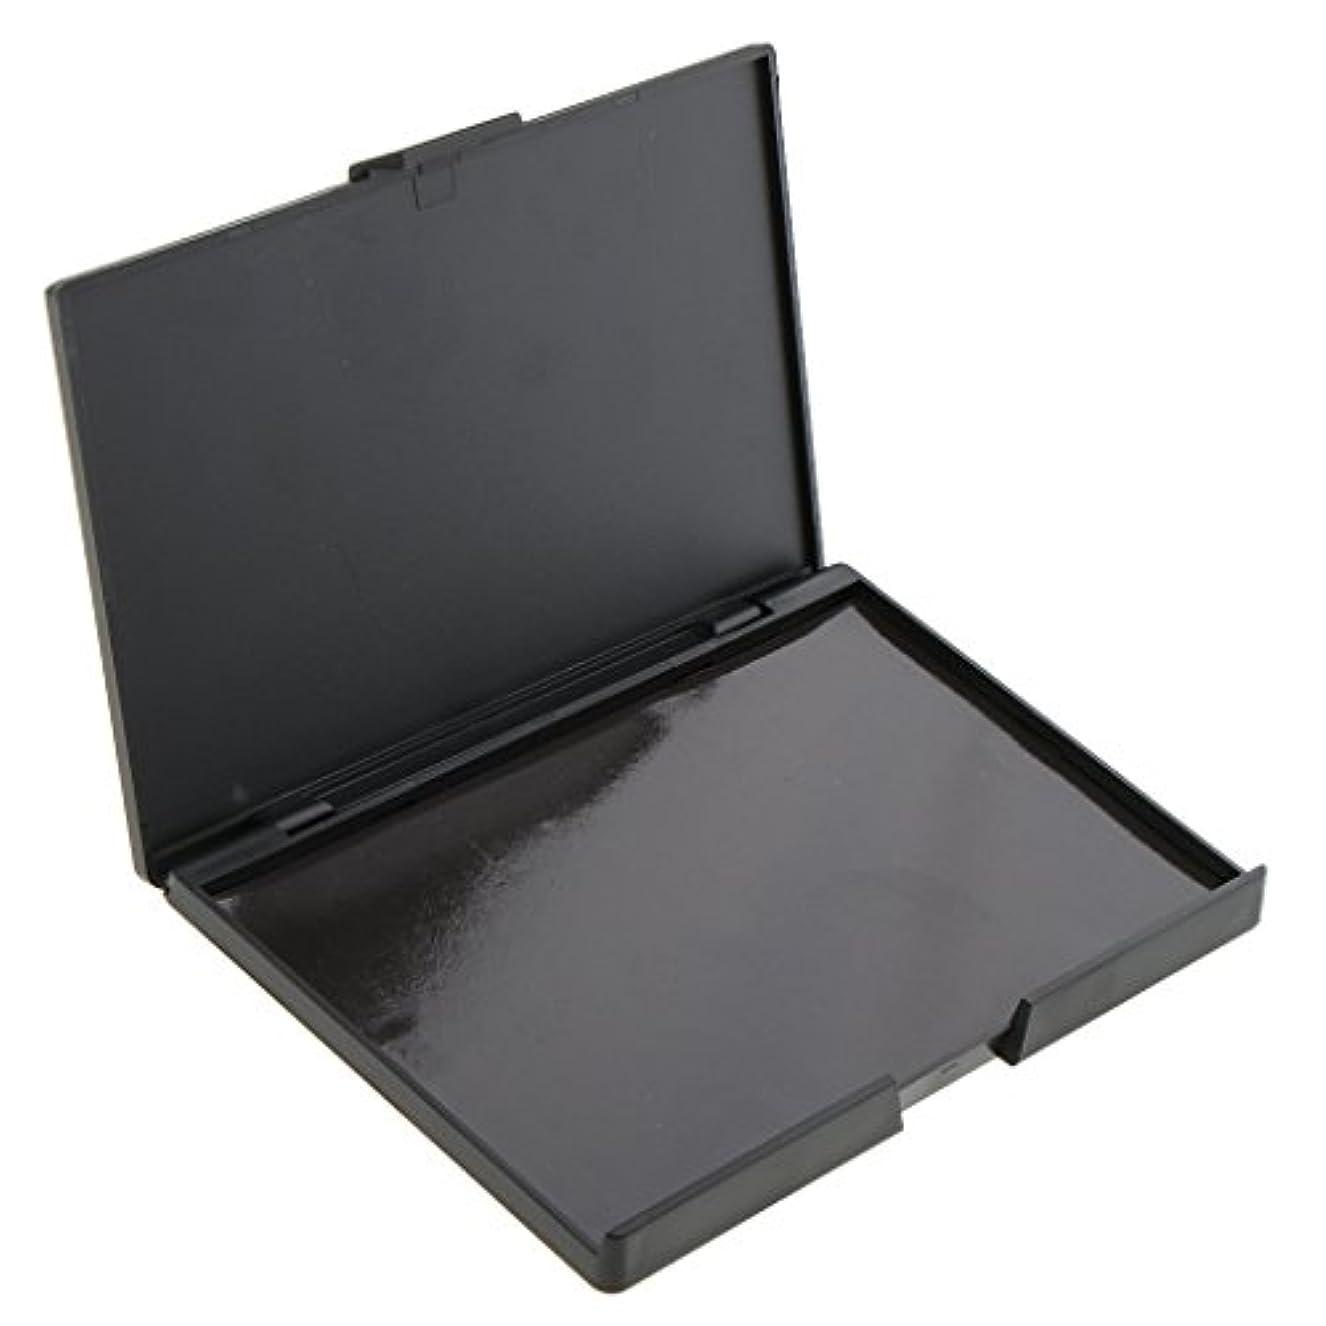 寛容なアンカーファシズムKesoto DIY アイシャドー 磁気  パレット メイクアップ 便携 収納 組み合わせ ボックス 全3種類 - パレットボックス